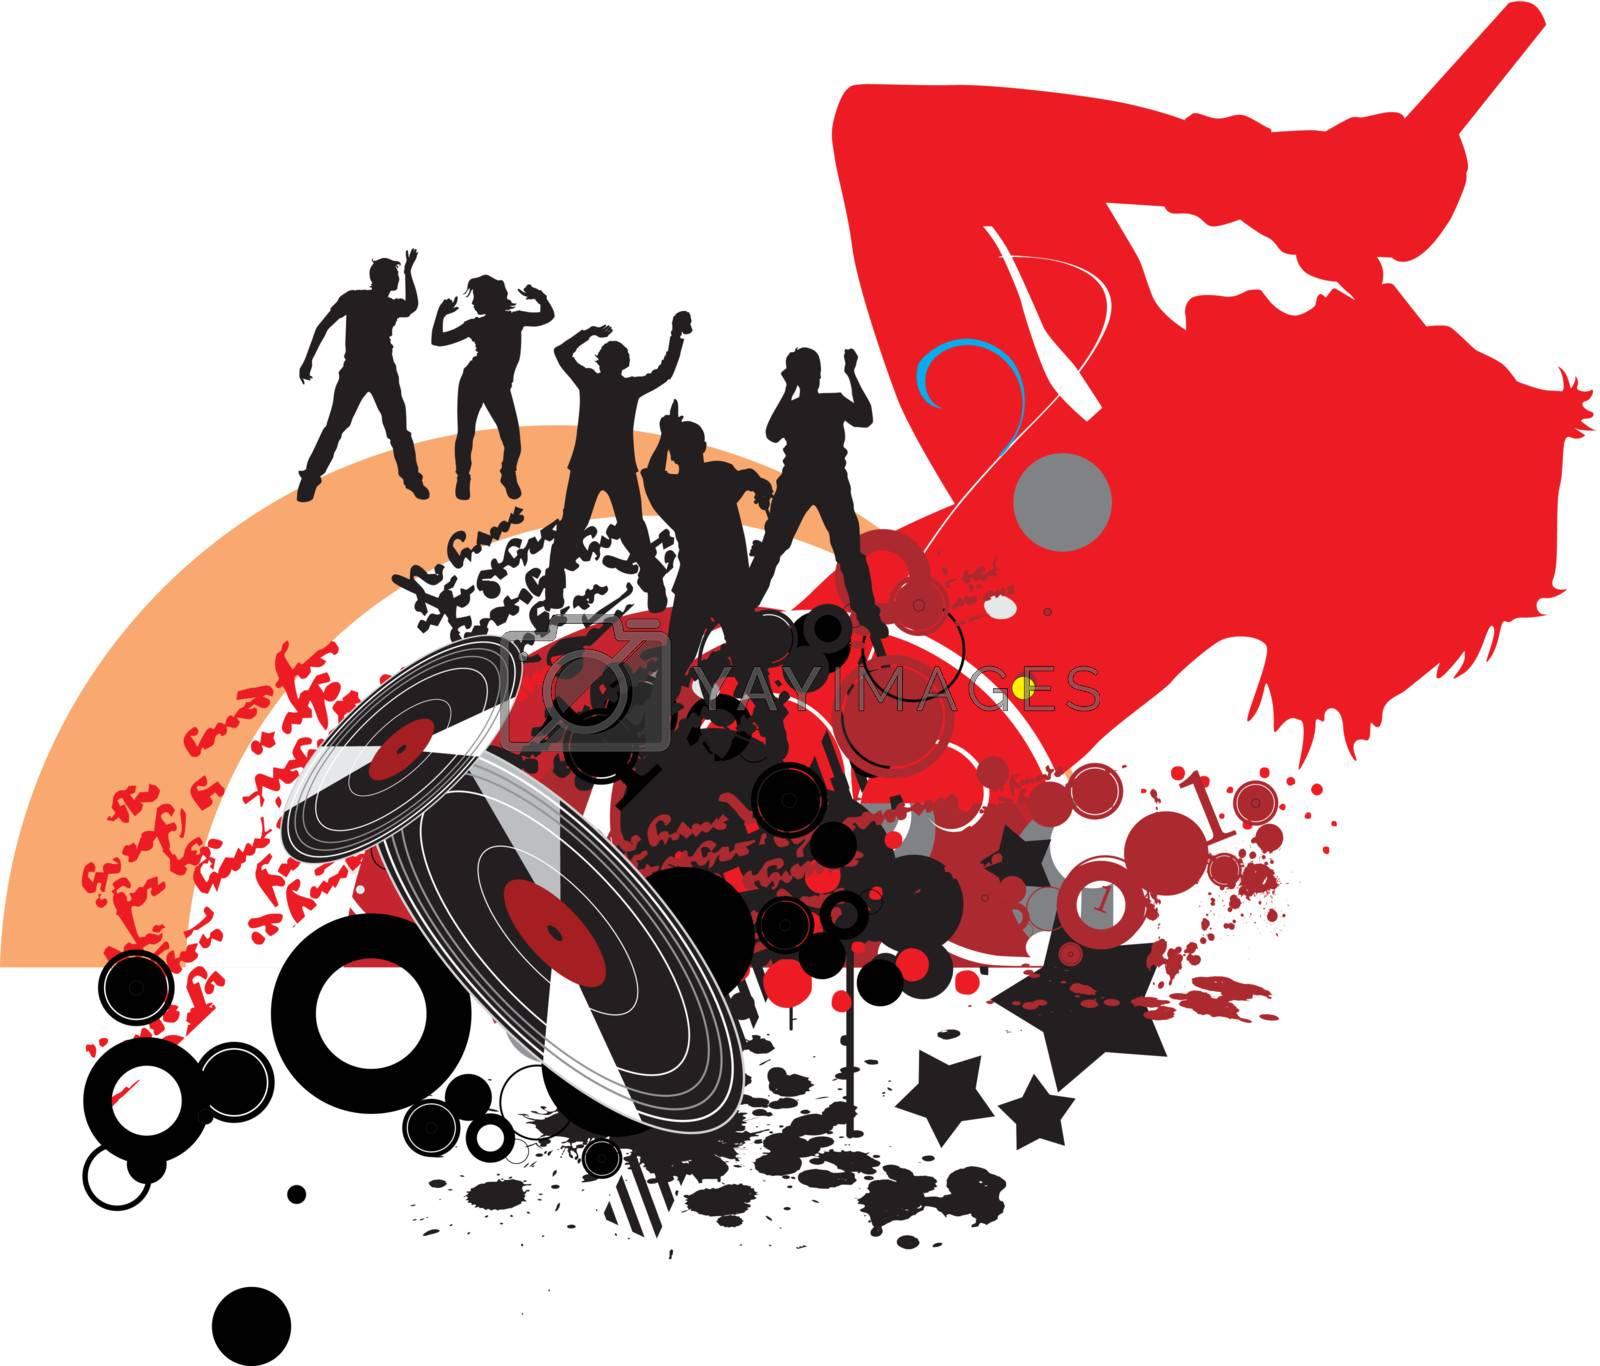 youth party by zabudailo